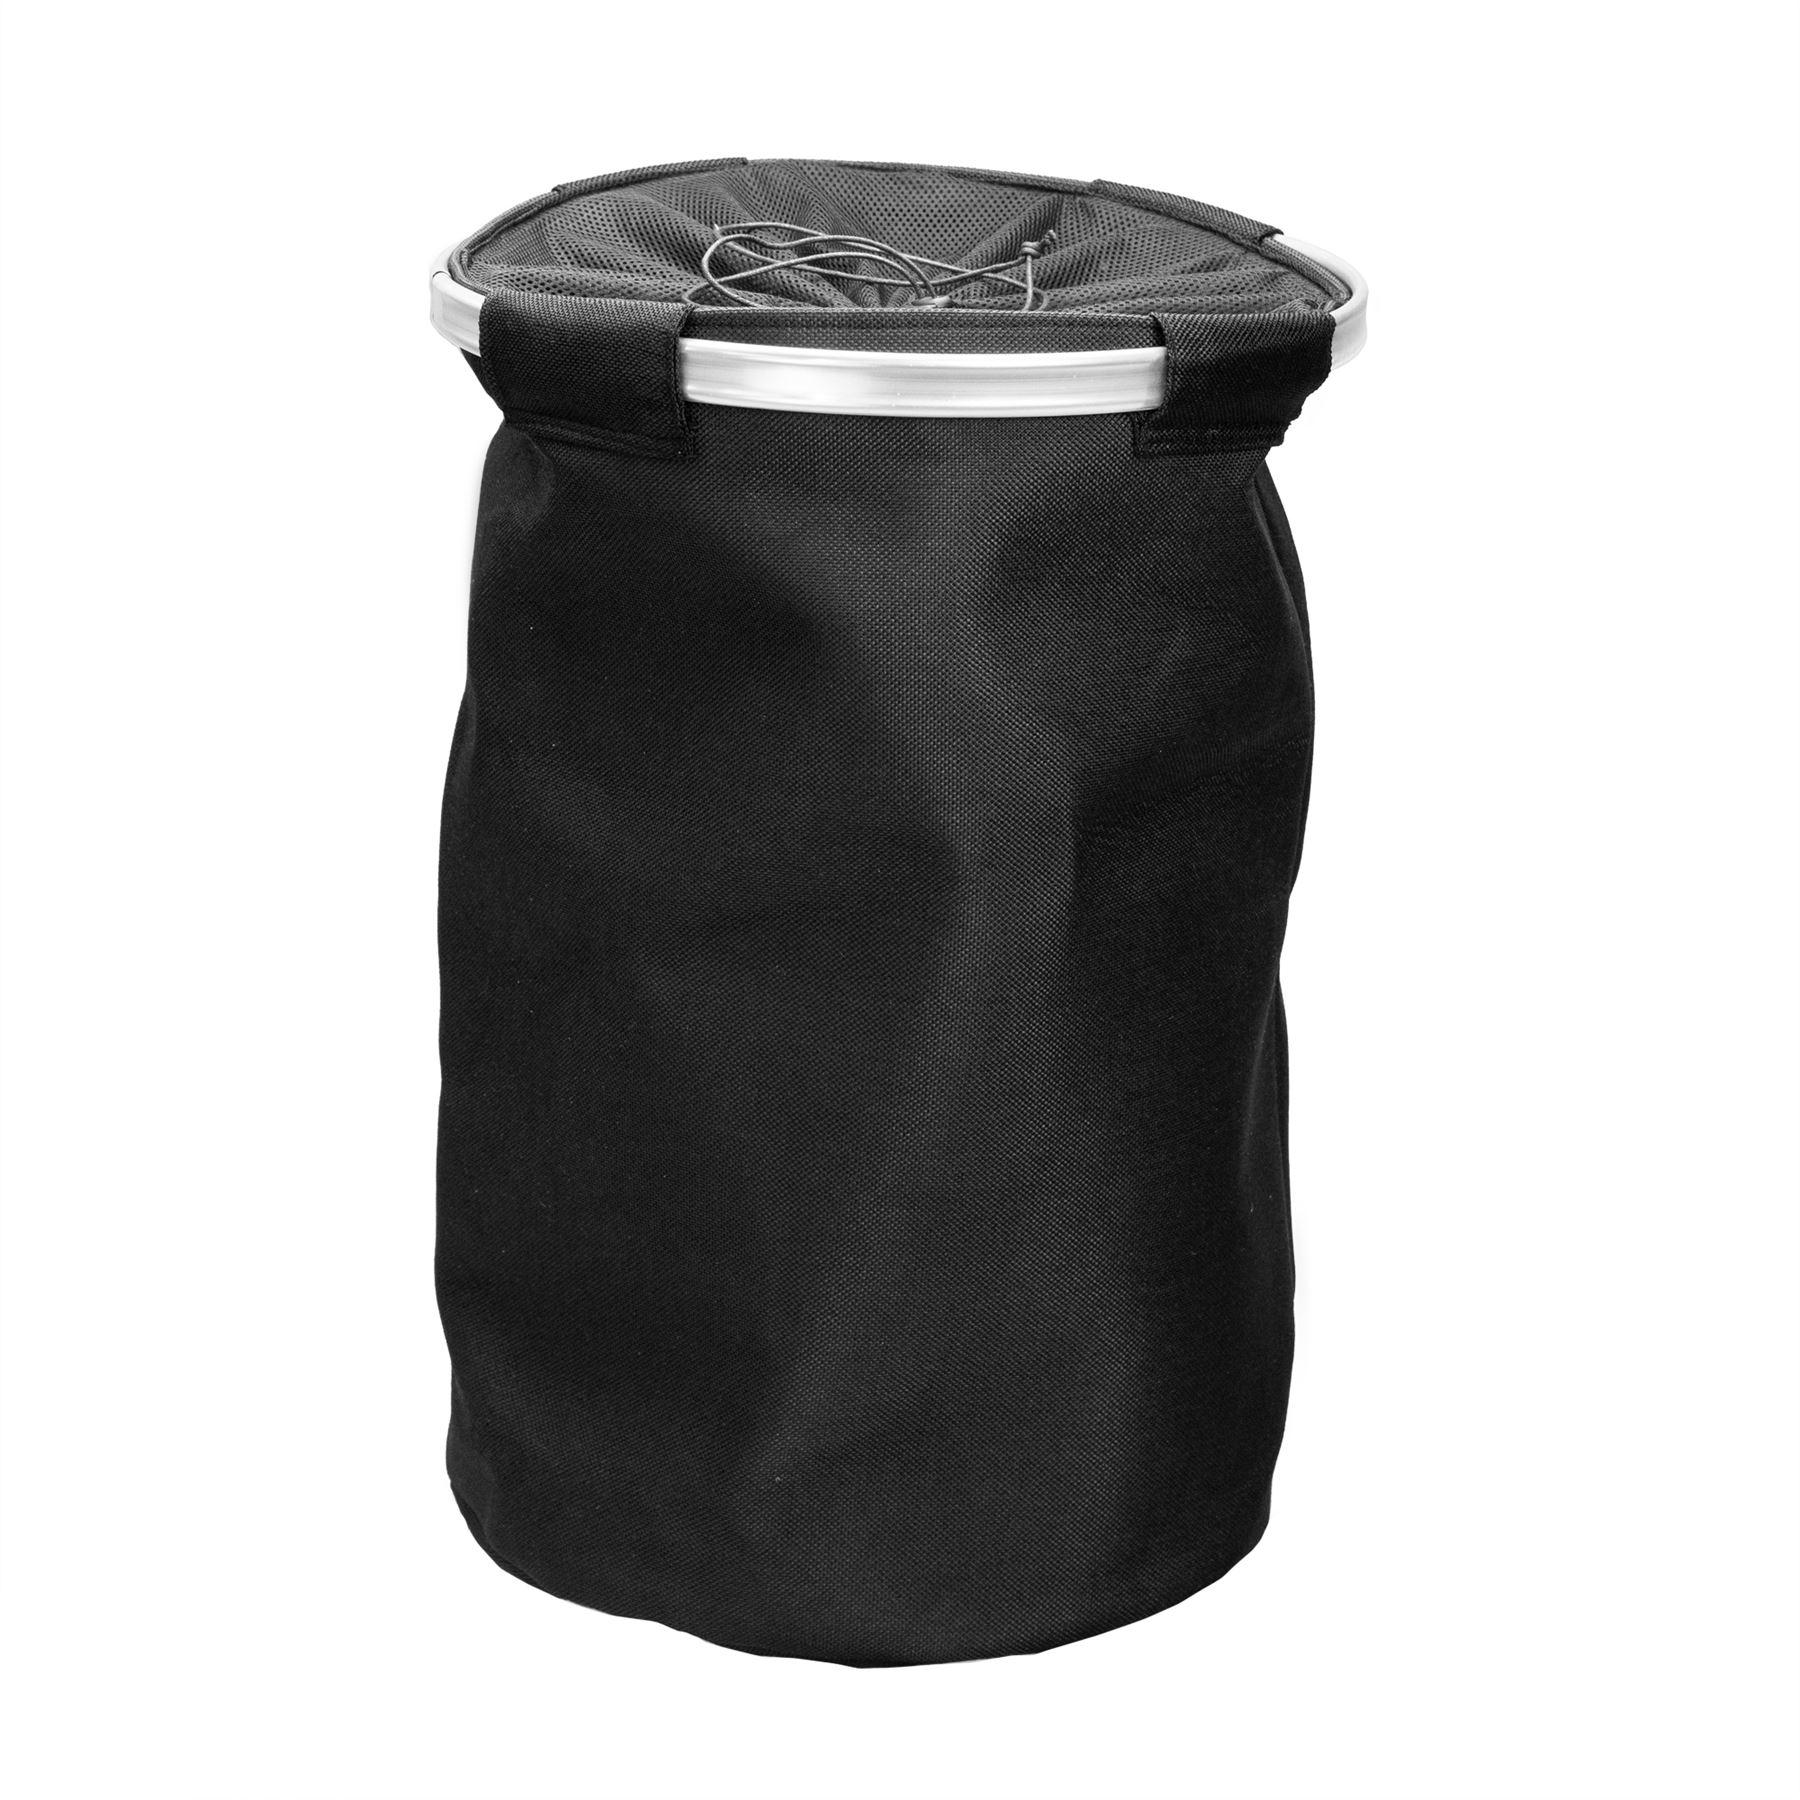 Noir Sac Hamper Hoop Métal Grande ronde en toile Panier à linge